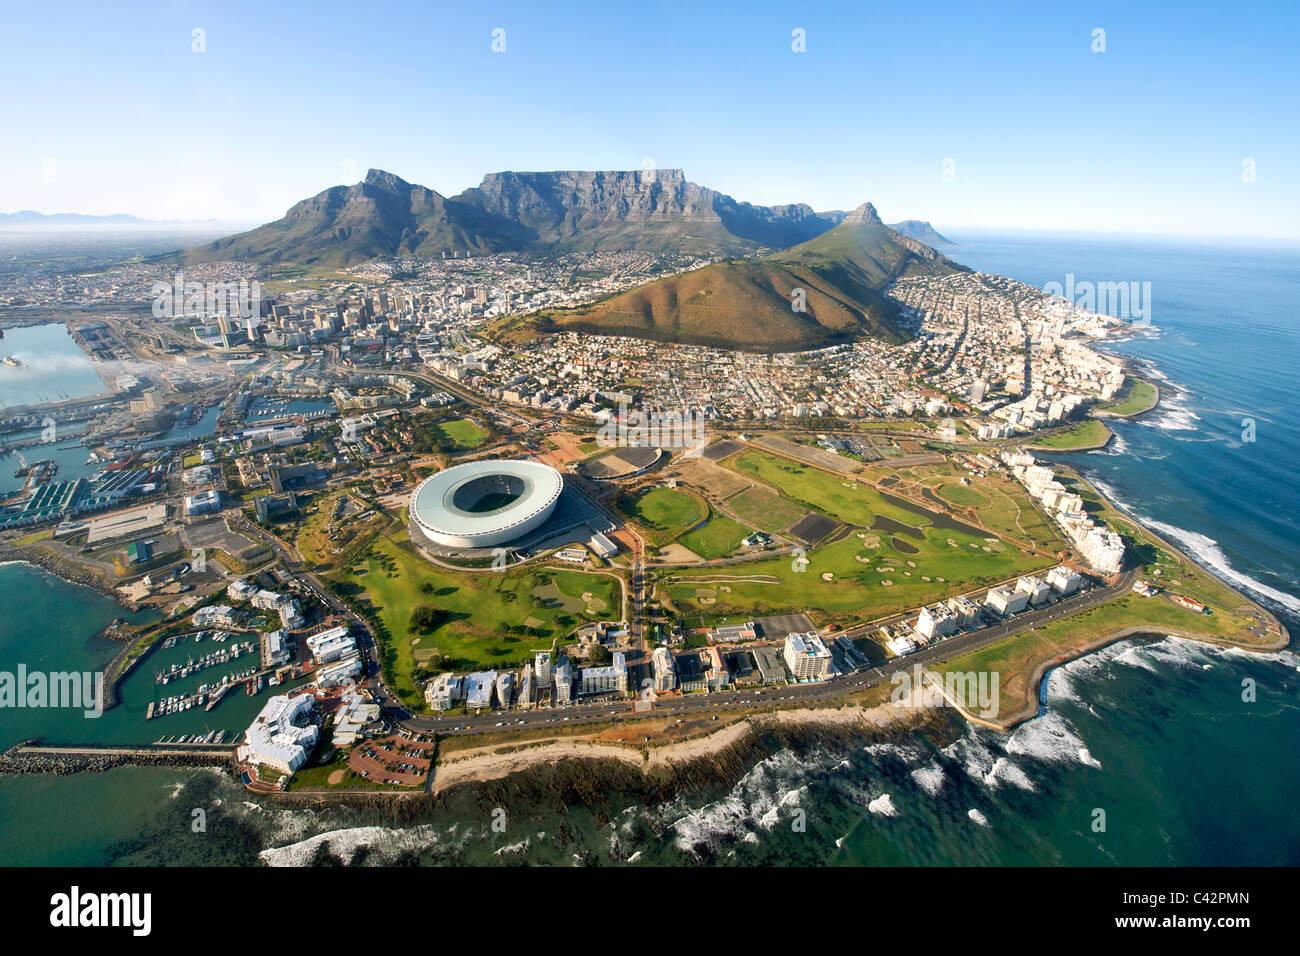 Vista aerea della città di Cape Town, Sud Africa. Immagini Stock